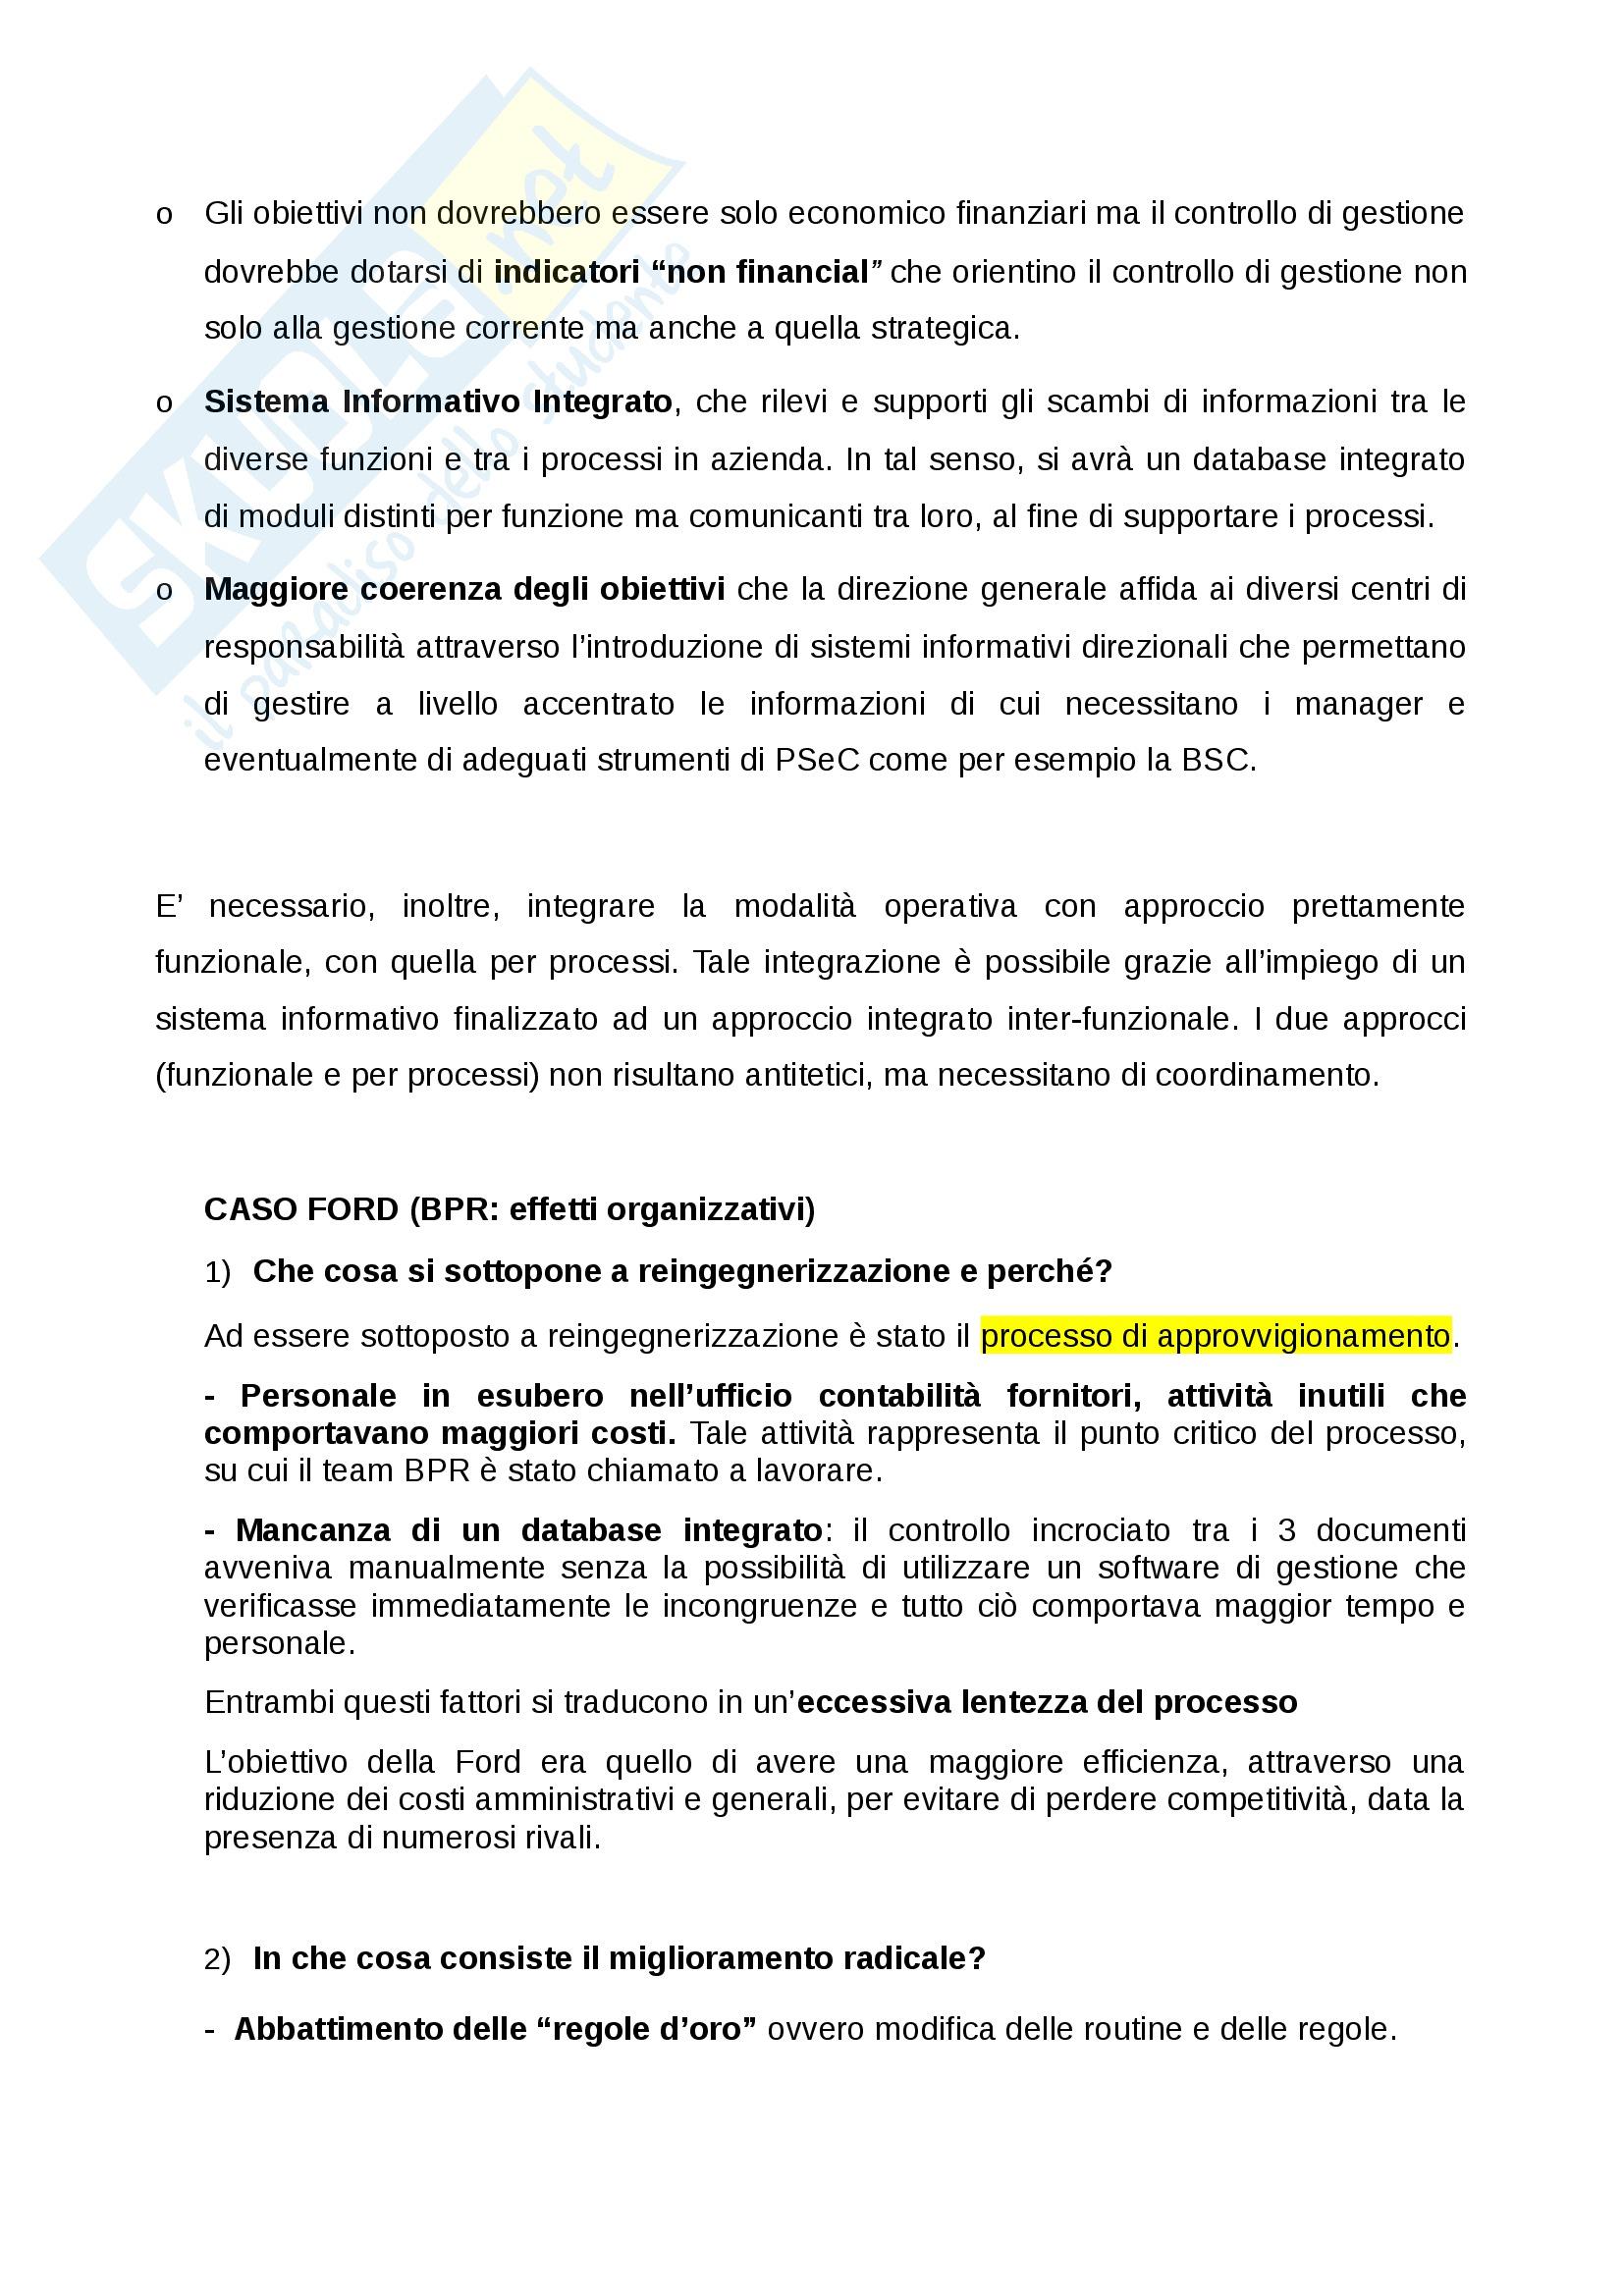 Organizzazione aziendale e gestione dei processi (Casi svolti in aula) Pag. 2